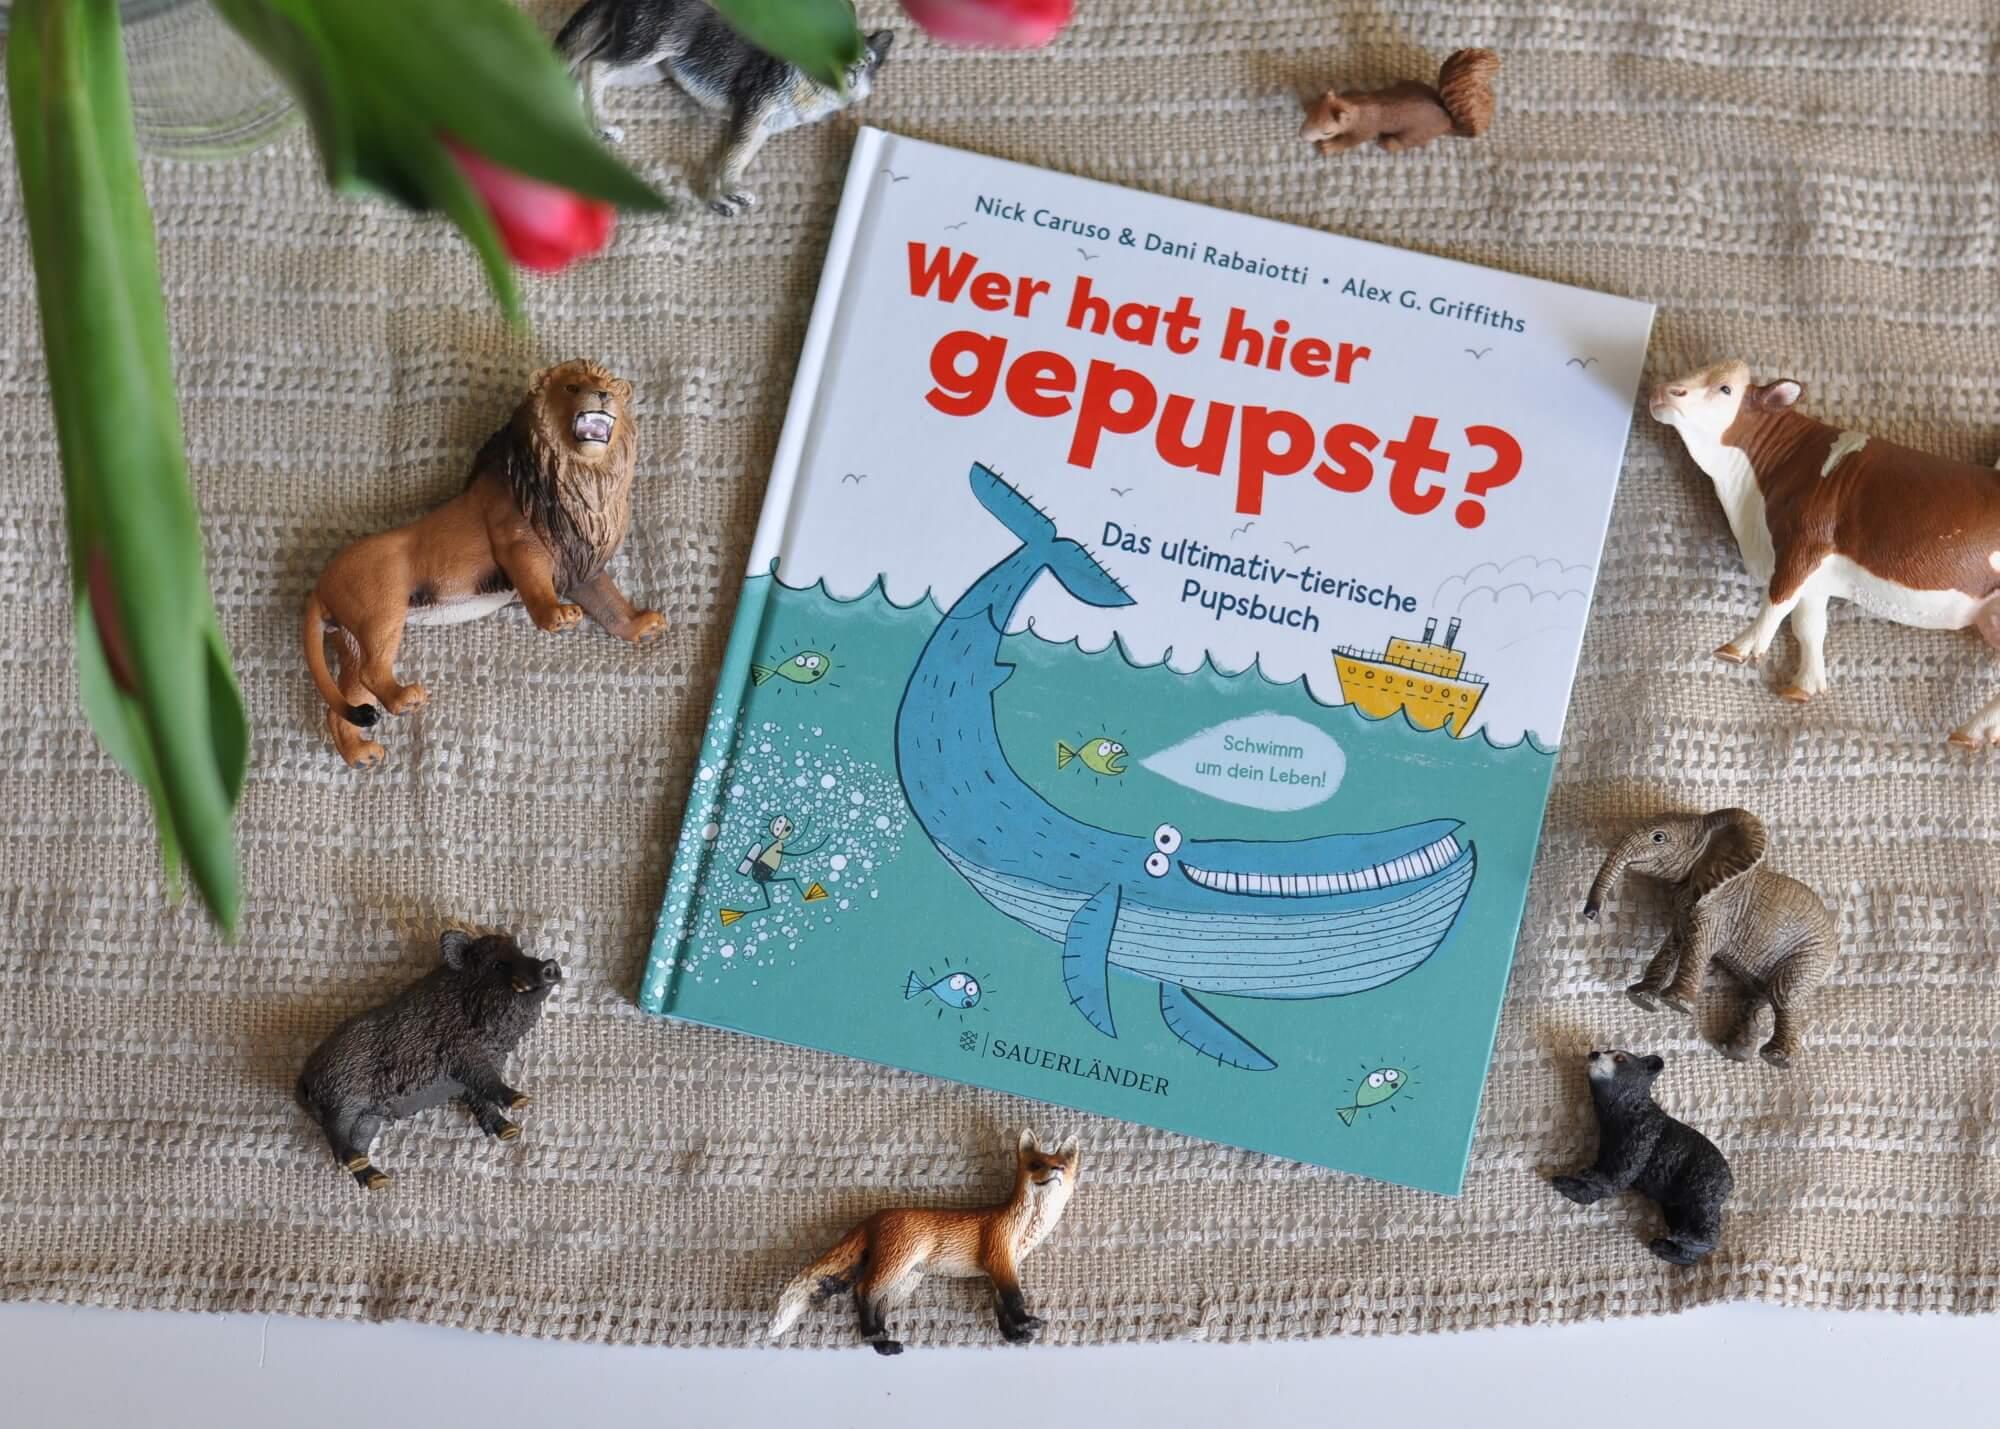 Dieses Sachbilderbuch vermittelt humorvoll-kurioses Wissen um Pupse im Tierreich: Wer hätte gedacht, dass Ziegen an Bord den Feueralarm auslösen können? Oder dass Heringe einen geheimen Pupscode besitzen? Oder dass Wissenschaftler eine Stinkskala für Hundepupse entwickelt haben? #pupse #tiere #bilderbuch #sachbuch #kinder #buch #lustig #furzen #verdauung